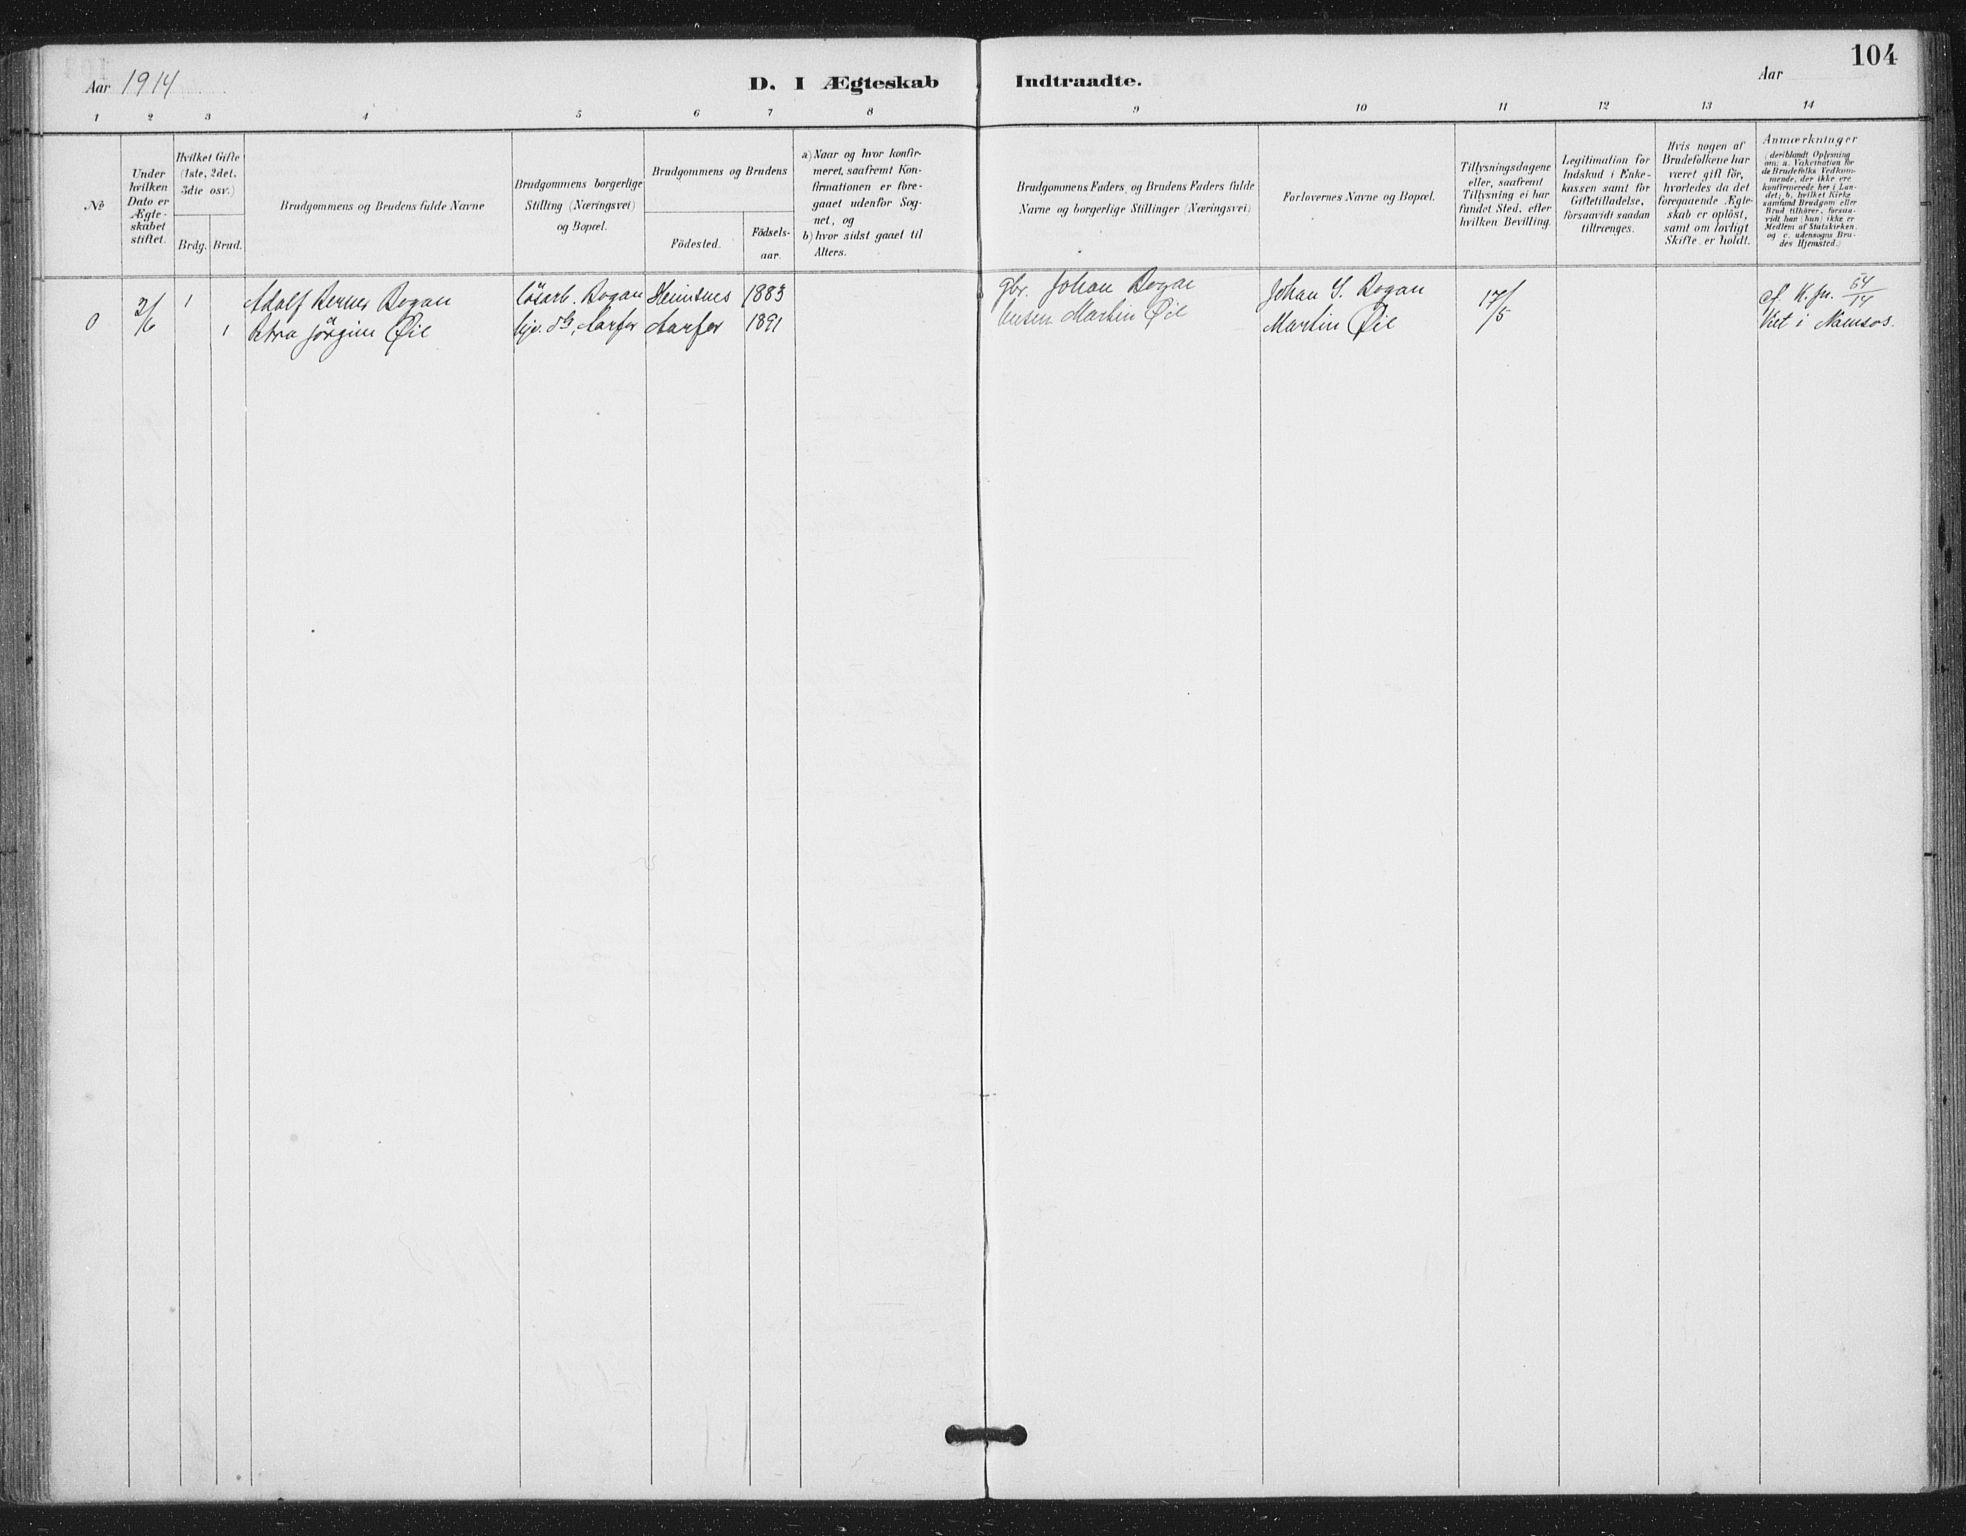 SAT, Ministerialprotokoller, klokkerbøker og fødselsregistre - Nord-Trøndelag, 783/L0660: Ministerialbok nr. 783A02, 1886-1918, s. 104